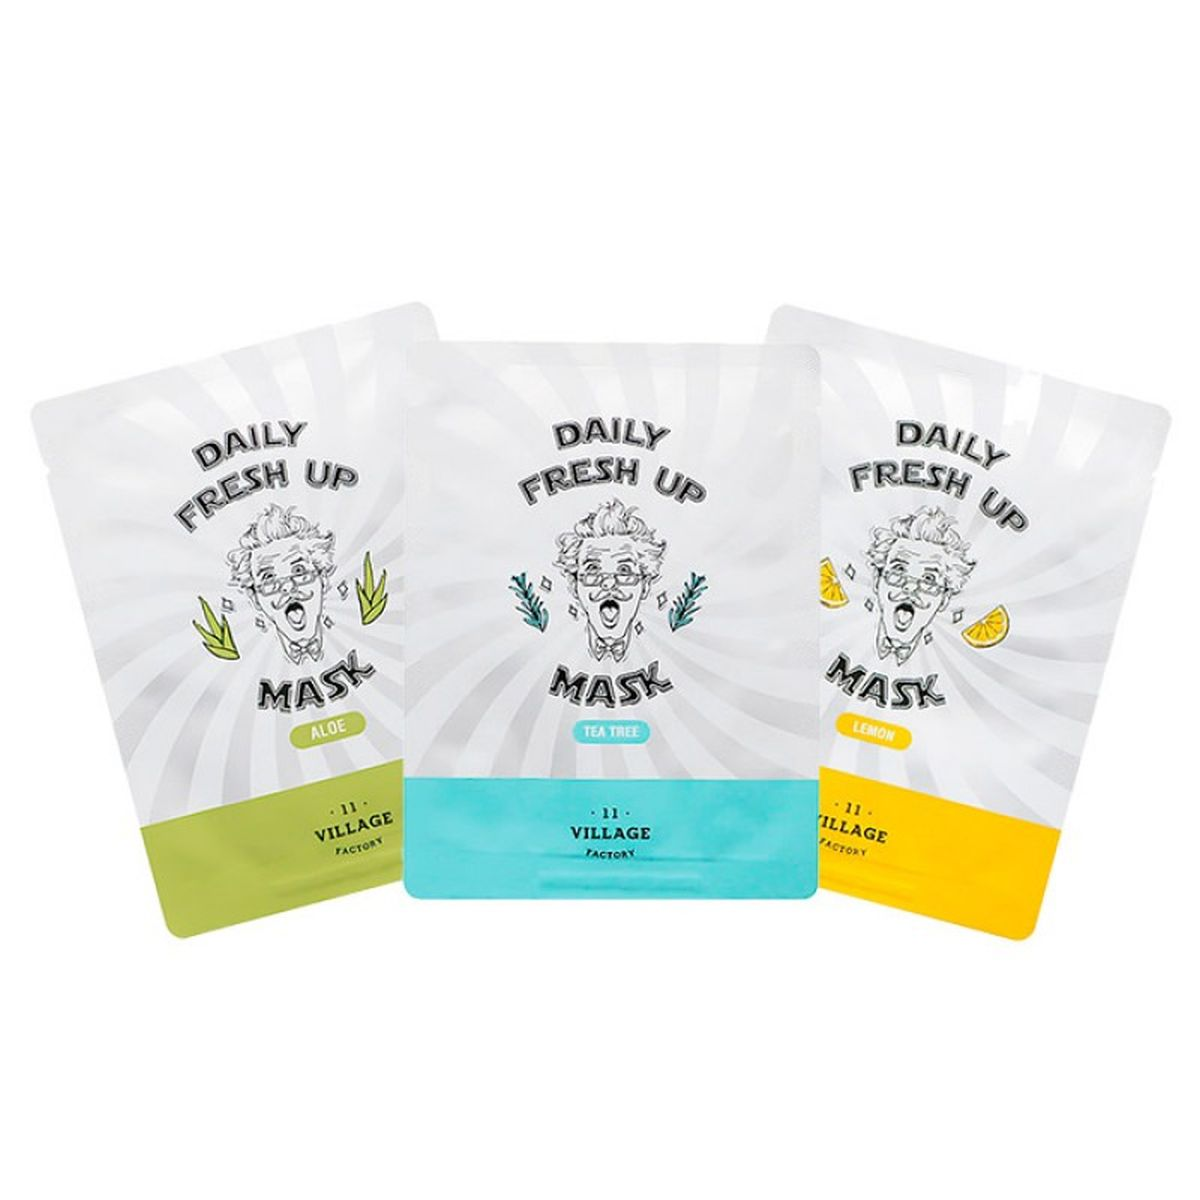 Тканевая маска Village 11 Factory Daily Fresh Up Mask - 20 гр